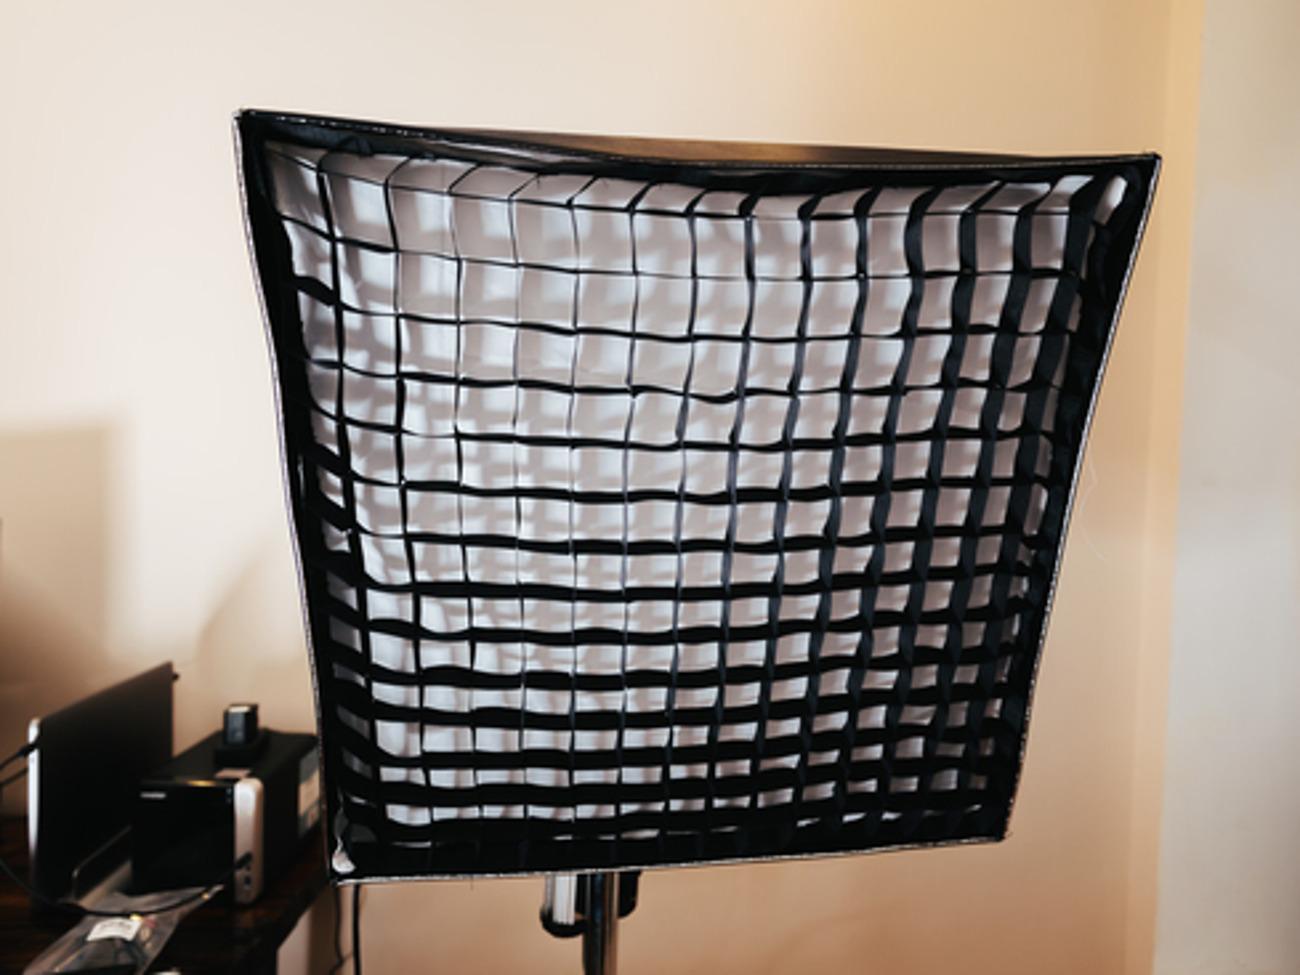 Falcon eyes RX-24TDX LED 3x3 bi-color panel (litemat build)